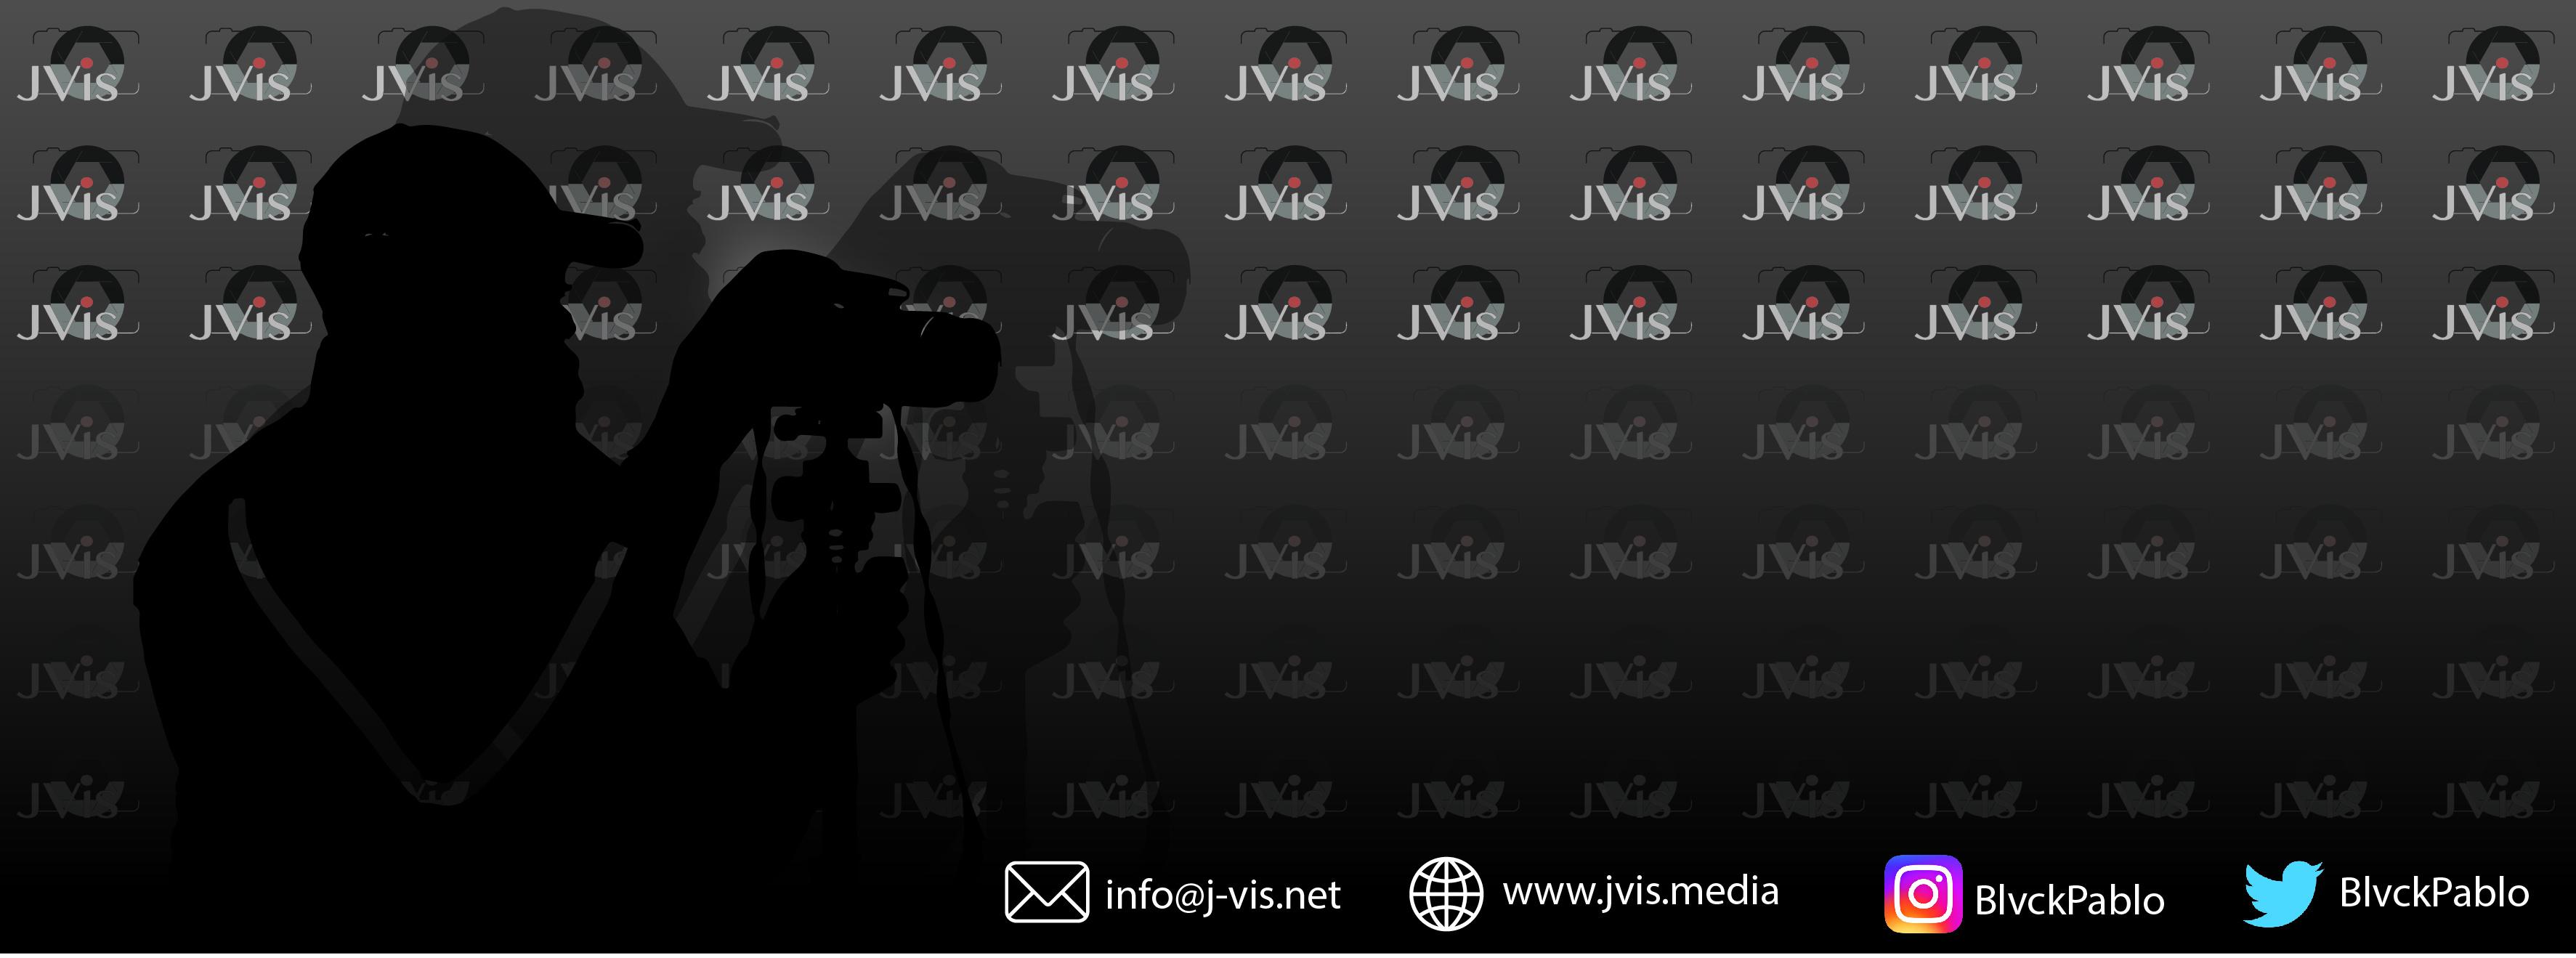 JVIS Banner (2016)